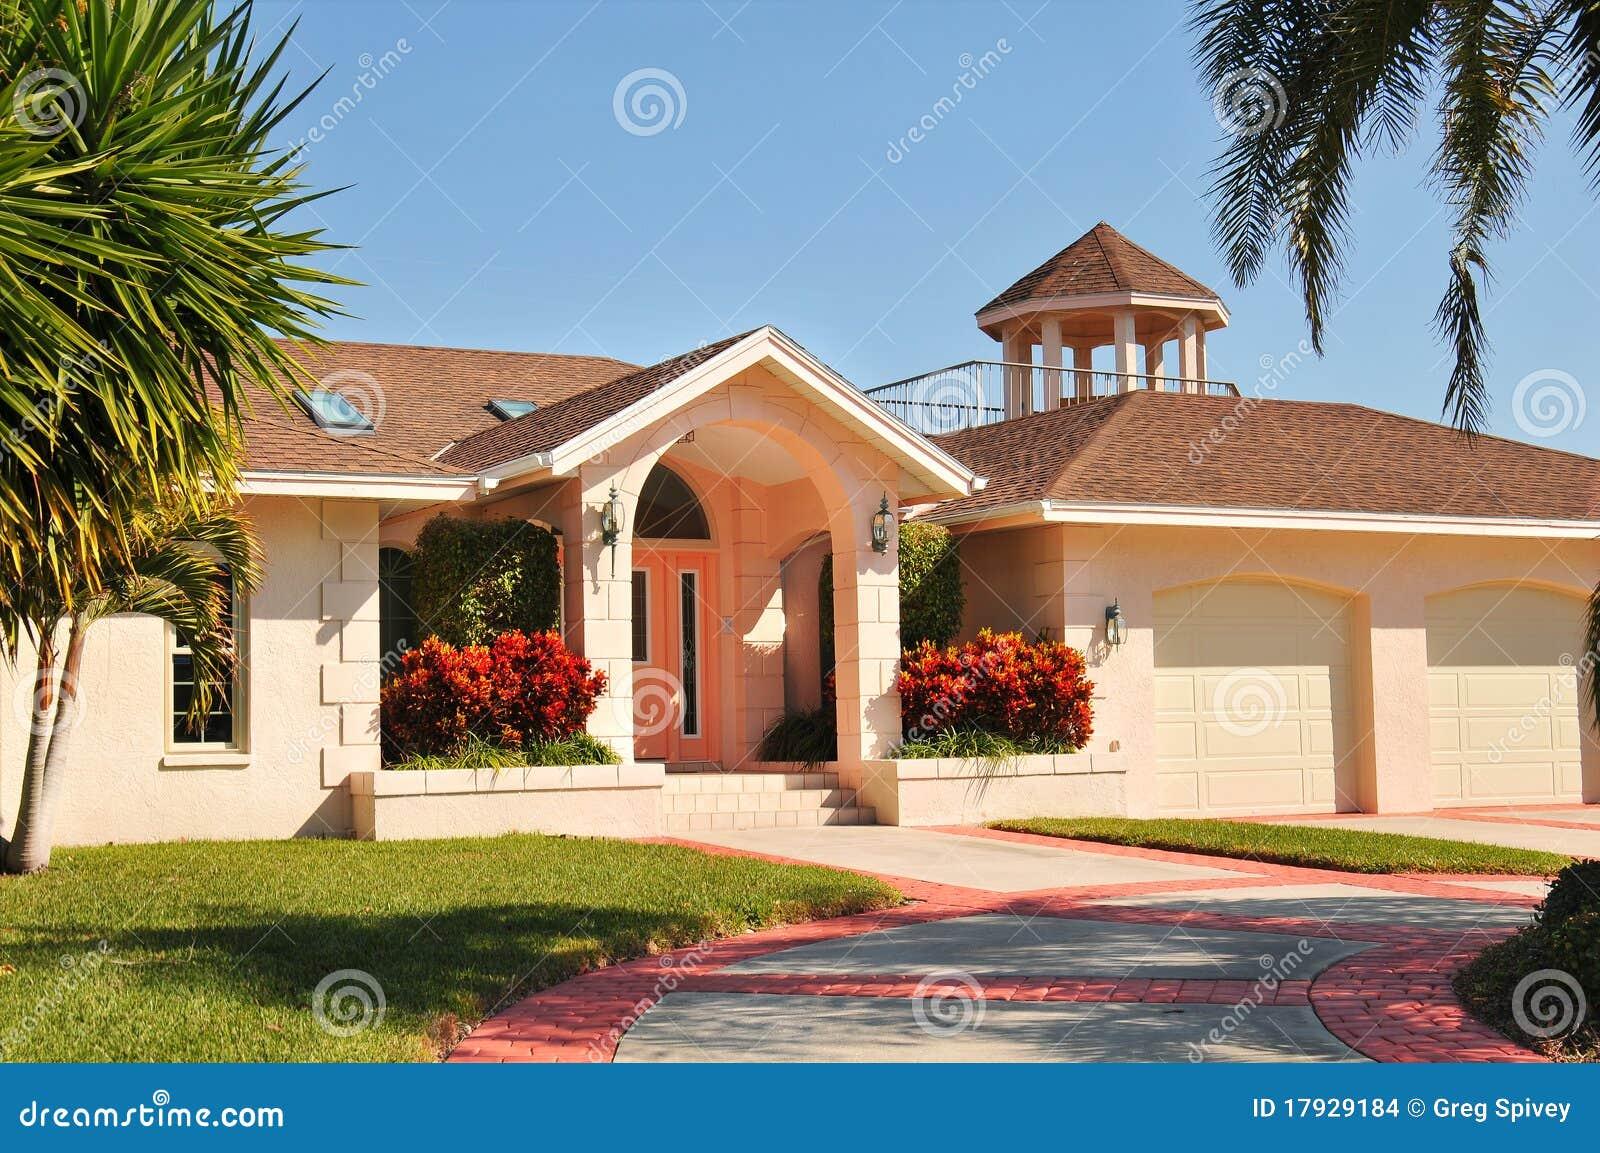 Western Ranch House Plans Maison Moderne De Type De Ranch Avec Le Gazebo Images